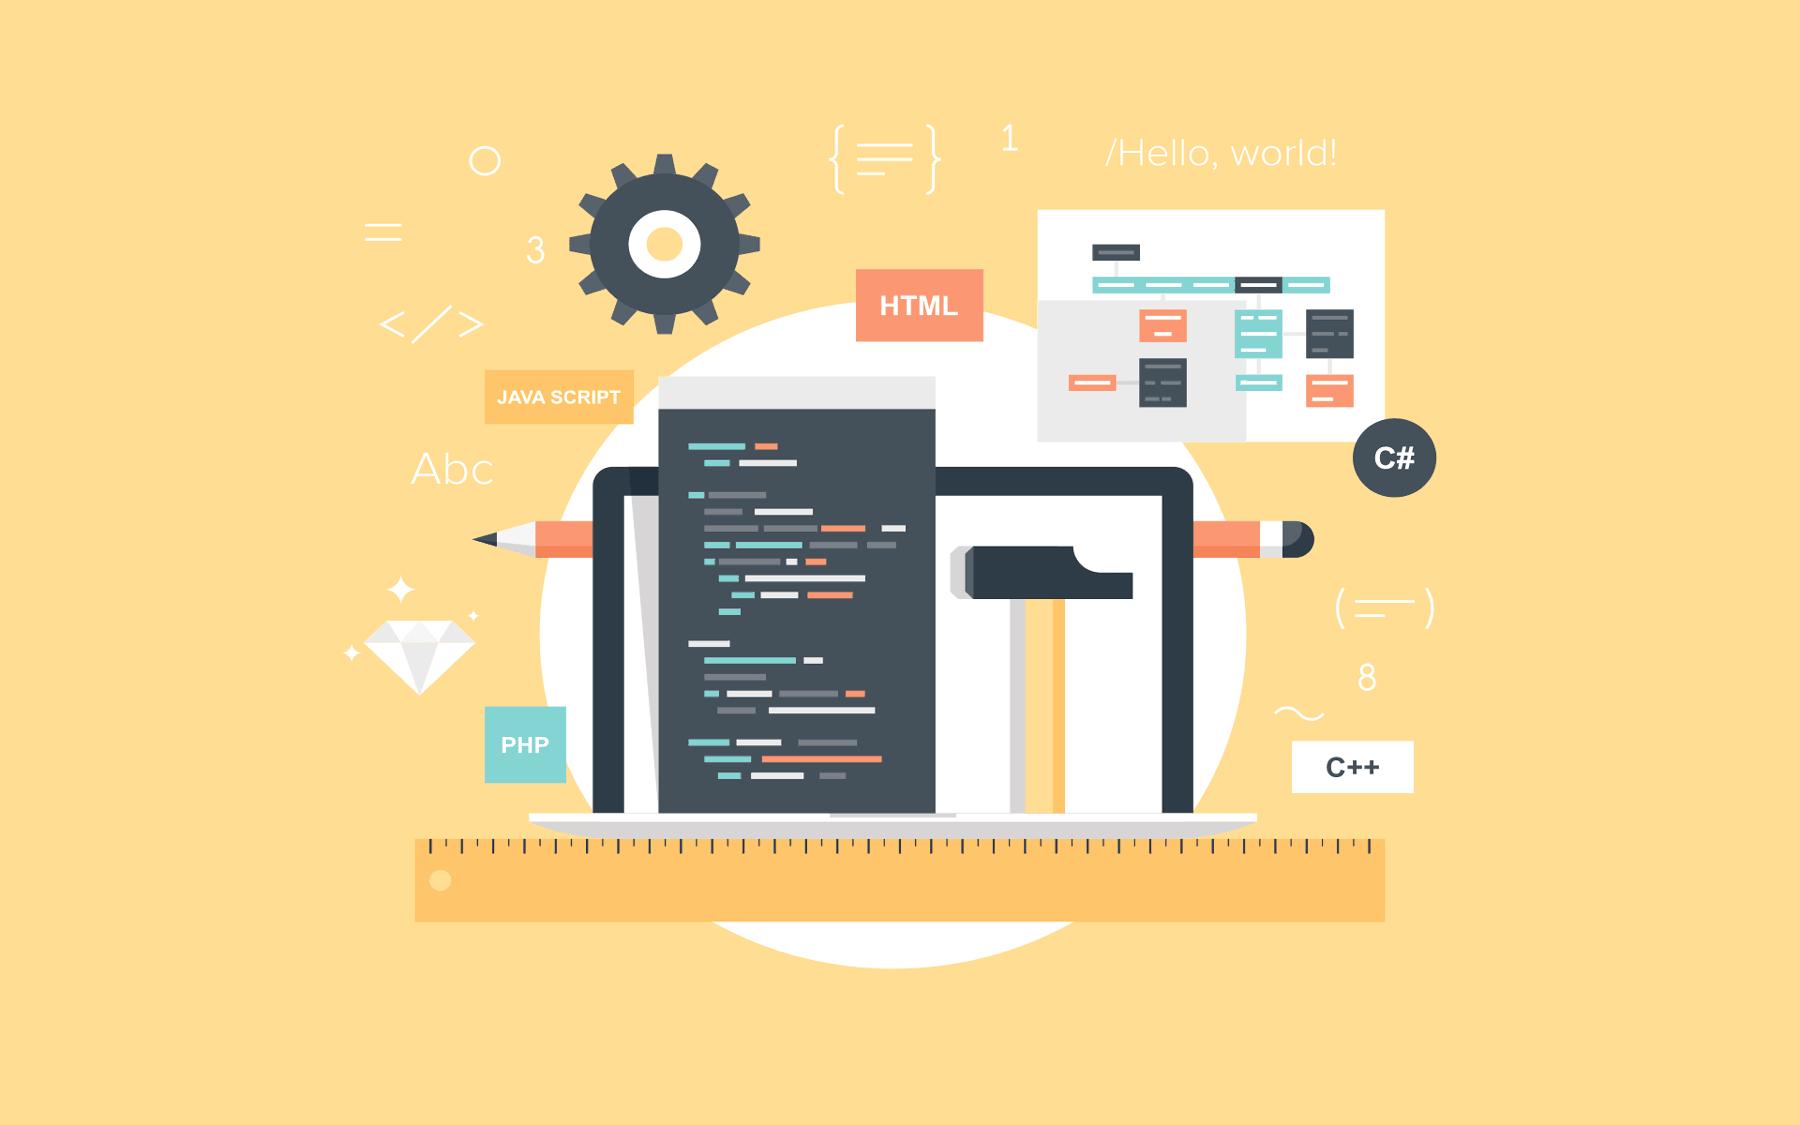 Что такое техническое обслуживание сайта и для чего оно нужно?